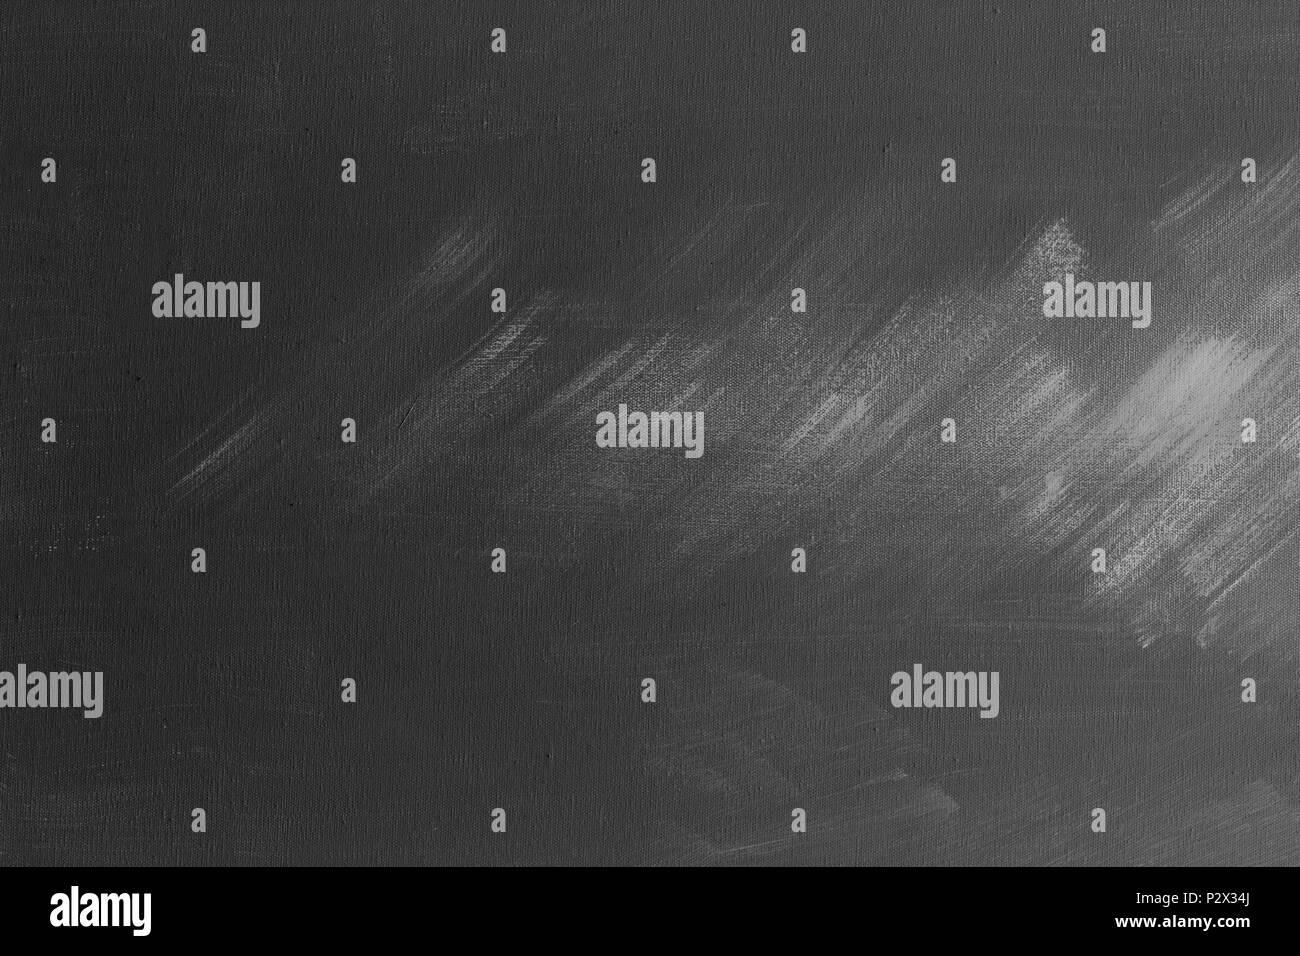 97a75b0e7dcf5 Abstrakte Schwarz   Weiß moderne Kunst Hintergrund mit Ölfarbe auf Leinwand